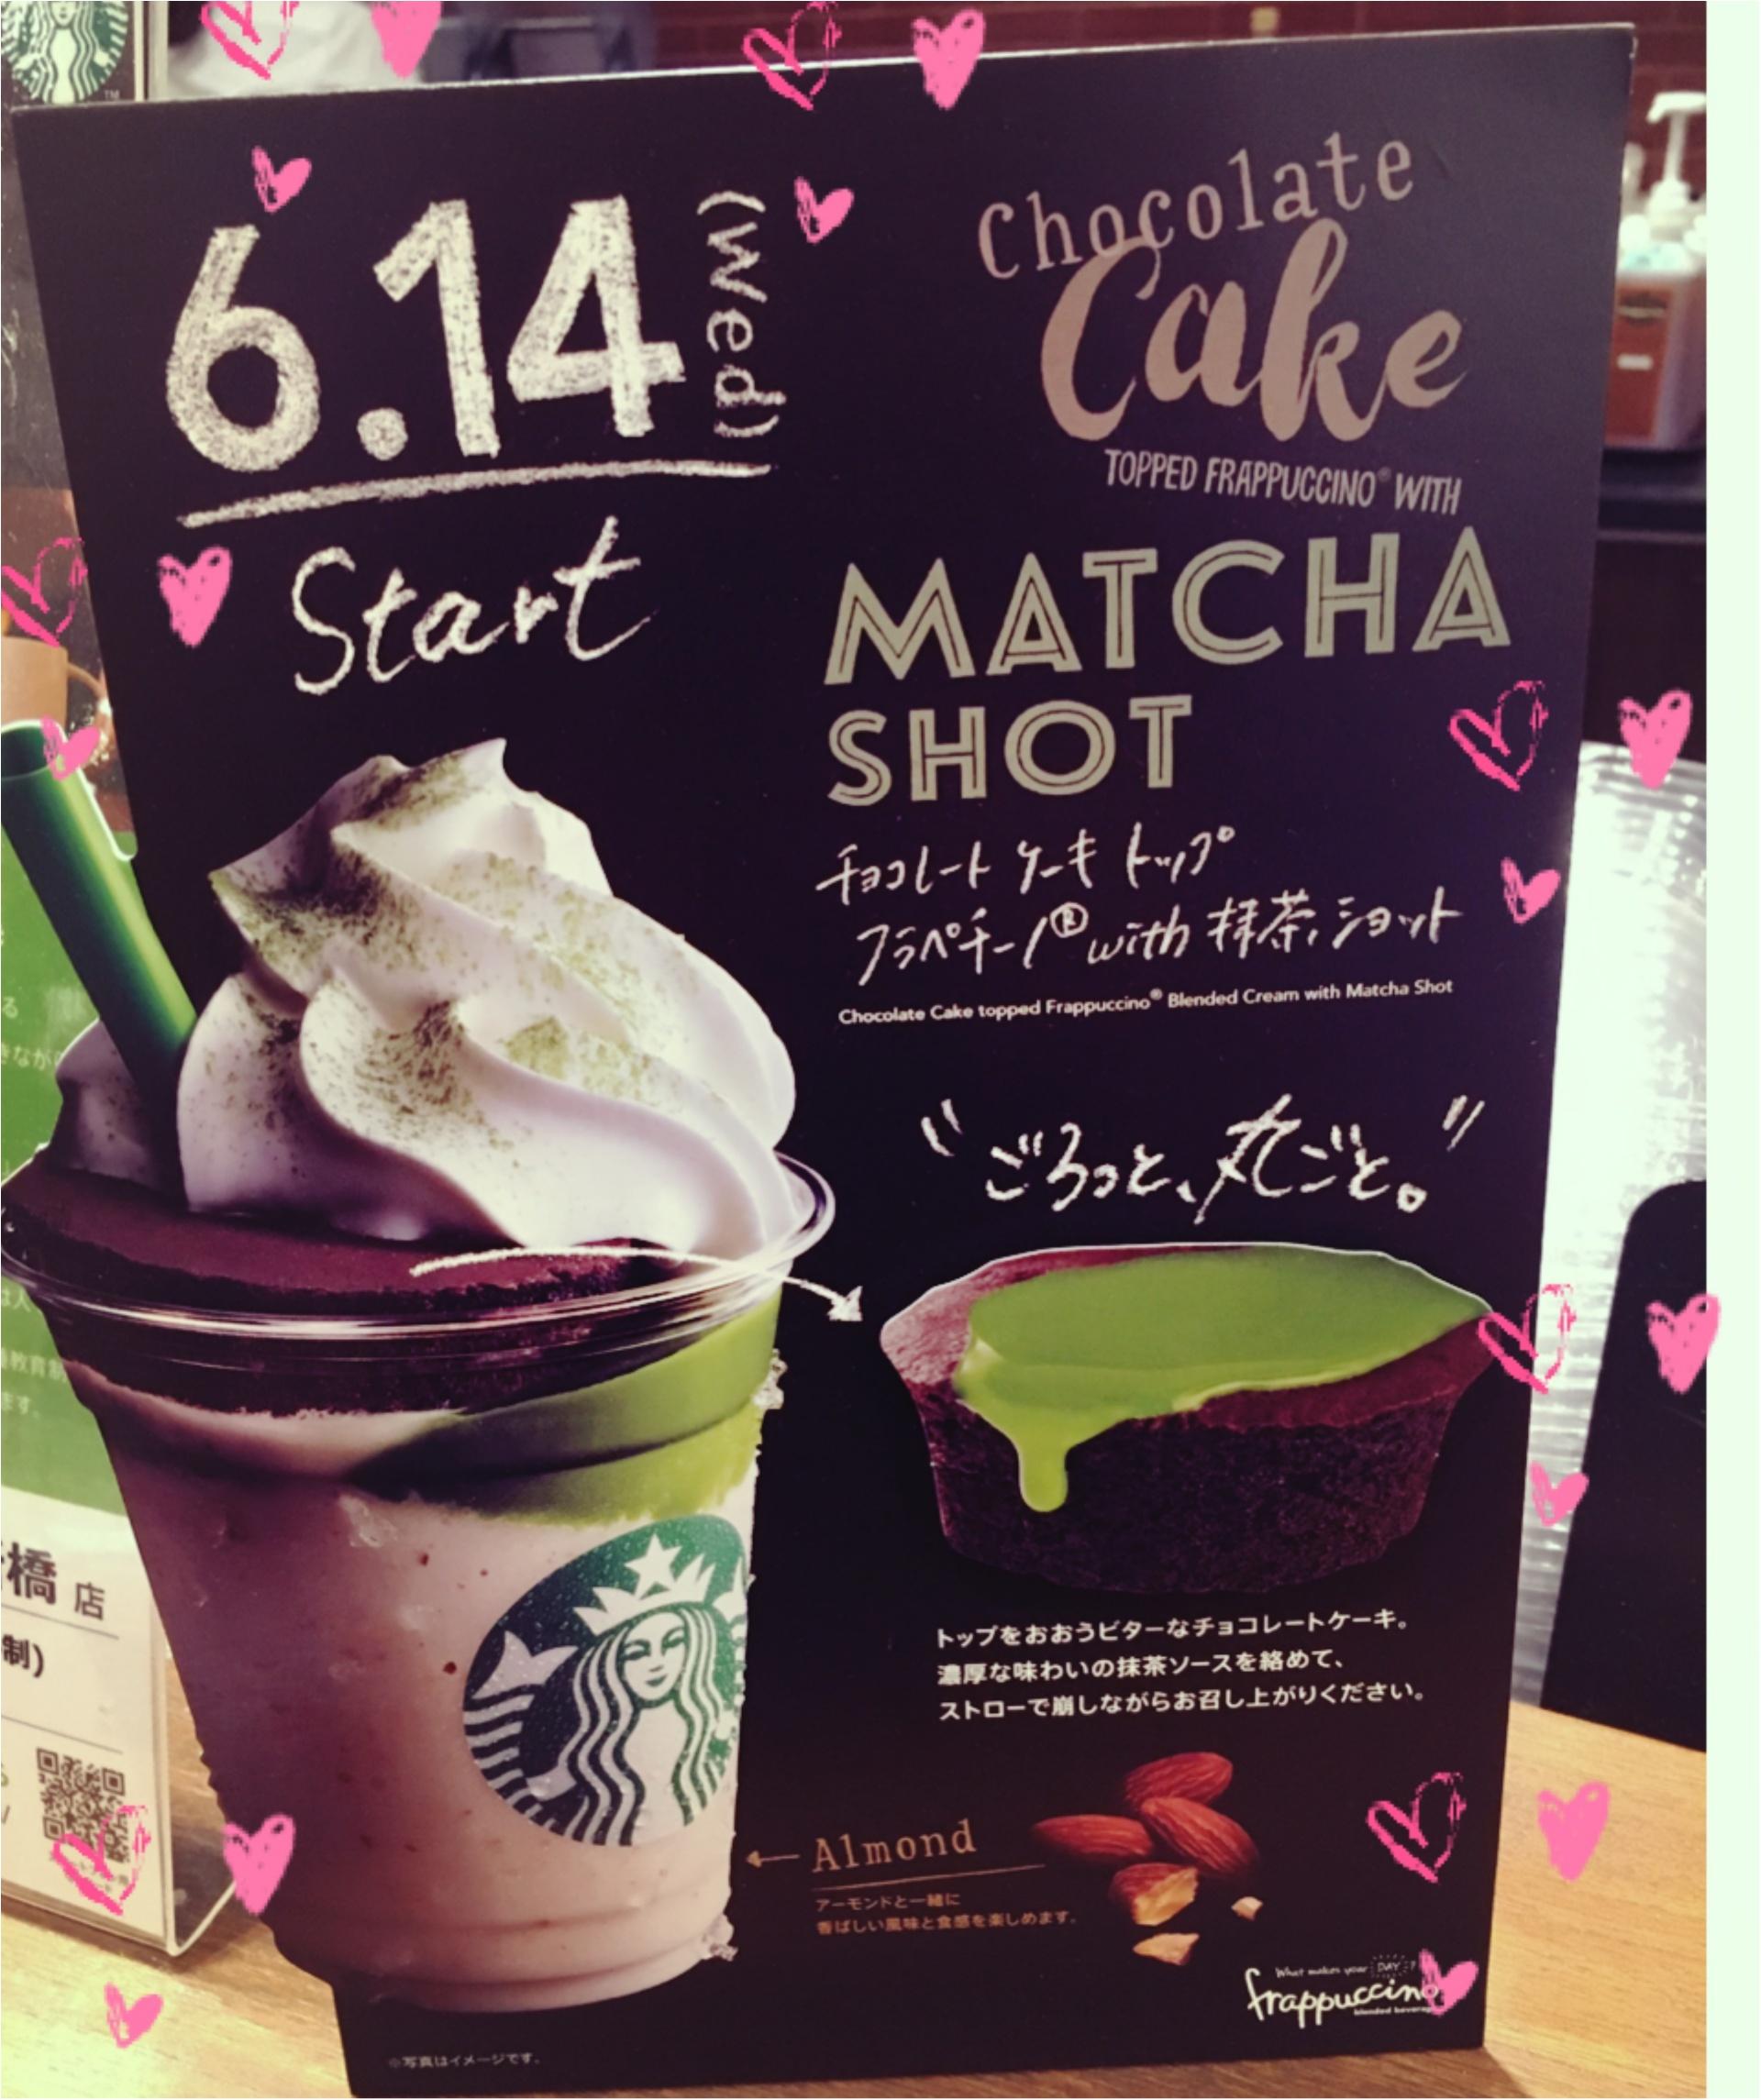 【スタバ新作】チョコレートケーキトップフラペチーノwith抹茶ショットの魅力をご紹介っ!(ර⍵ර)✧_1